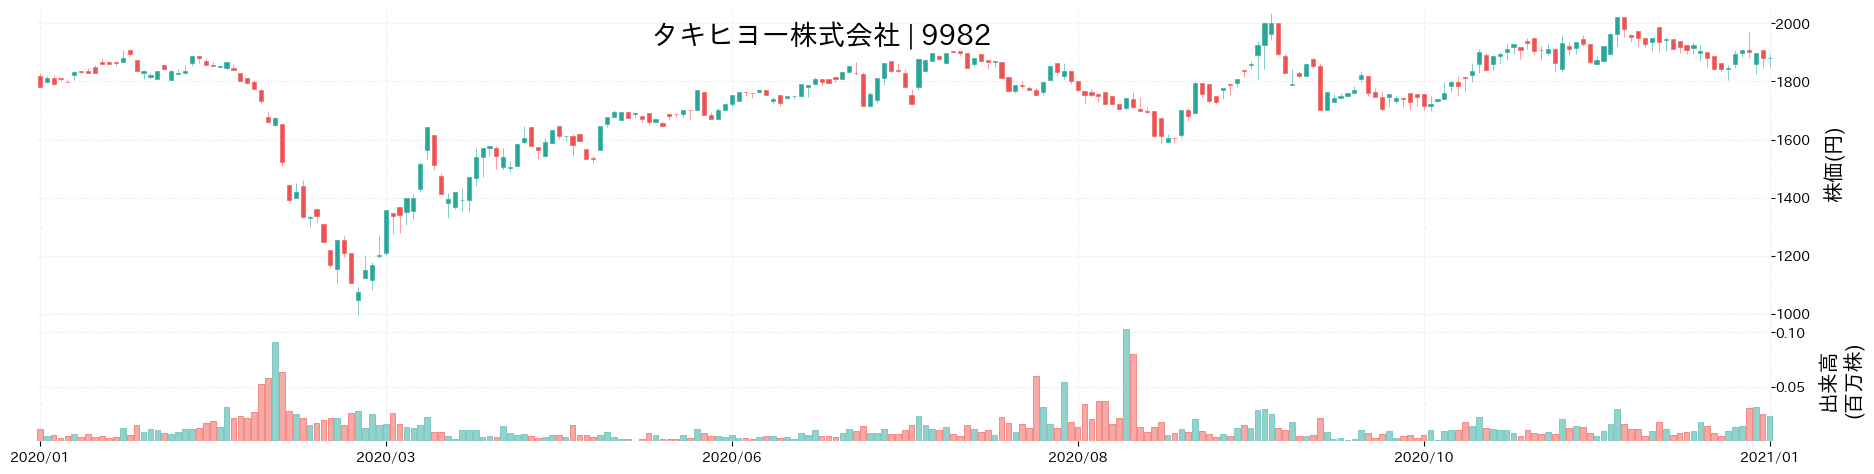 タキヒヨー株式会社の株価推移(2020)